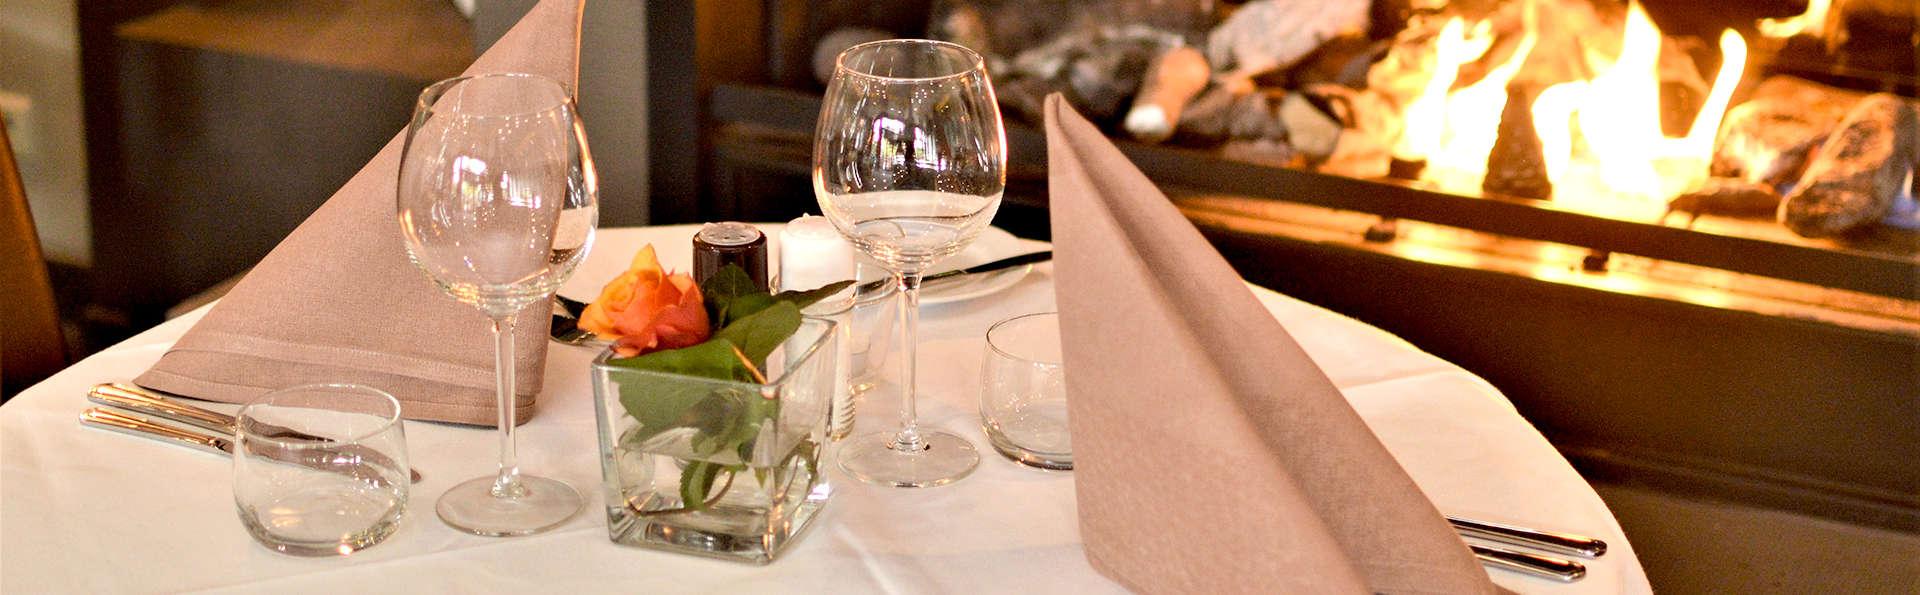 Délicieux dîner trois plats dans un hôtel décontracté du Limbourg